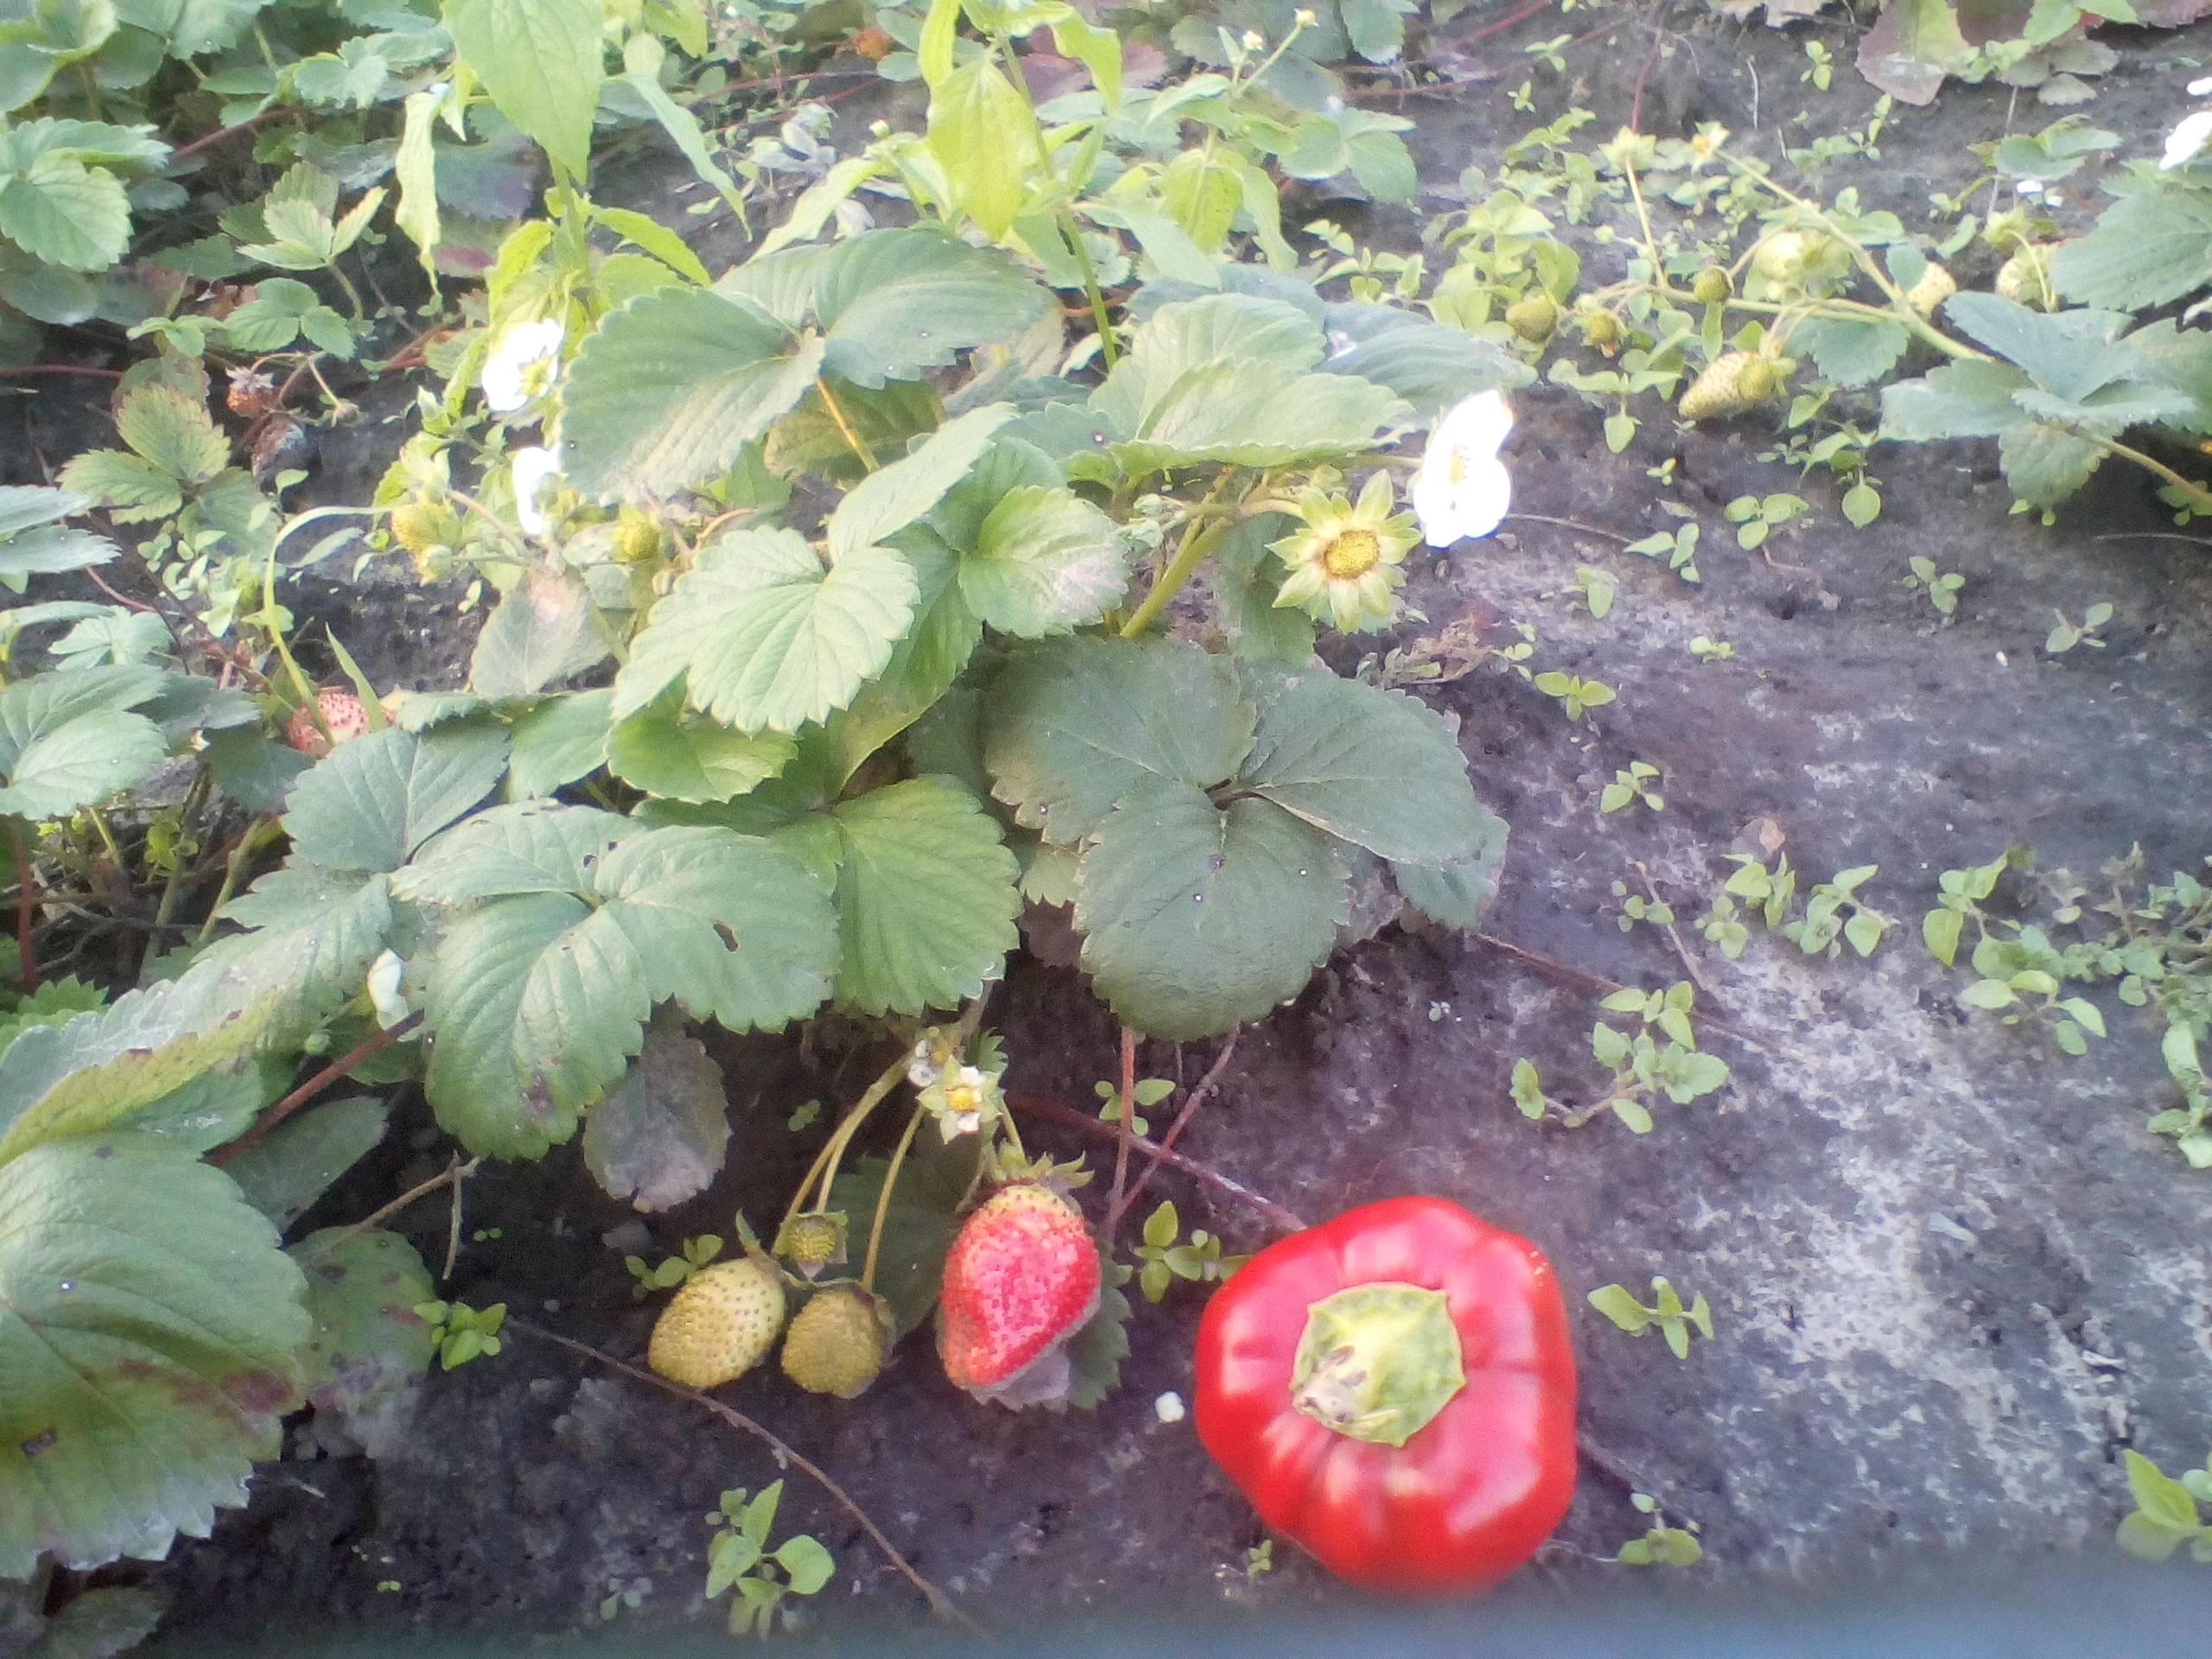 Сорт клубники «сельва»: описание и основные рекомендации по выращиванию